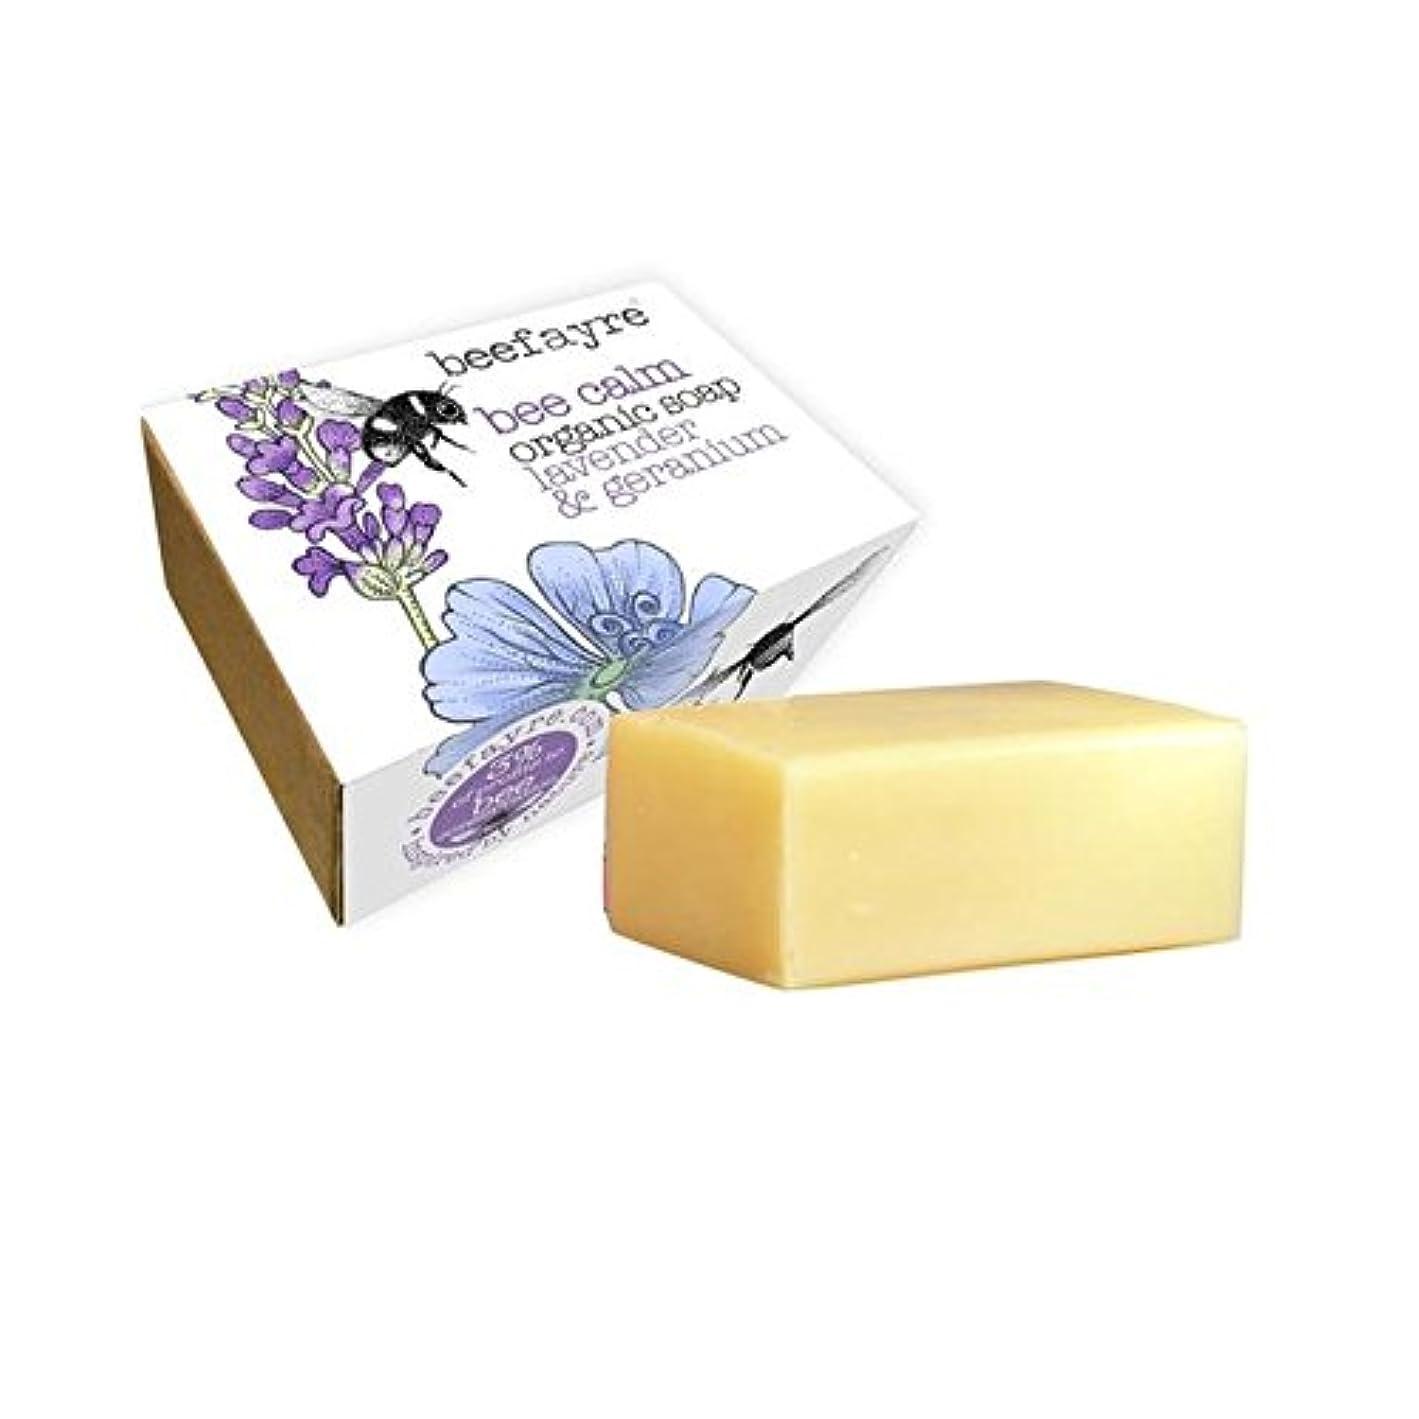 形状落ち着く本当にBeefayre Organic Geranium & Lavender Soap (Pack of 6) - 有機ゼラニウム&ラベンダー石鹸 x6 [並行輸入品]